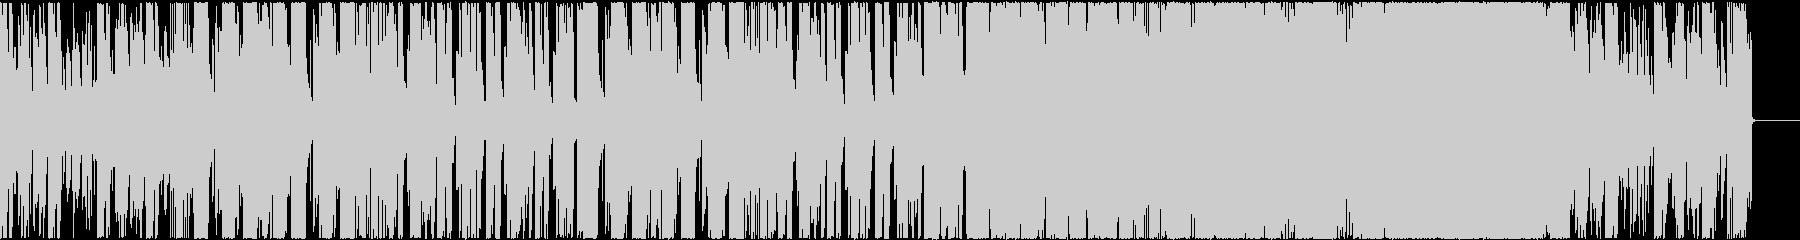 ポップでカラフルなEDMハウス CM映像の未再生の波形